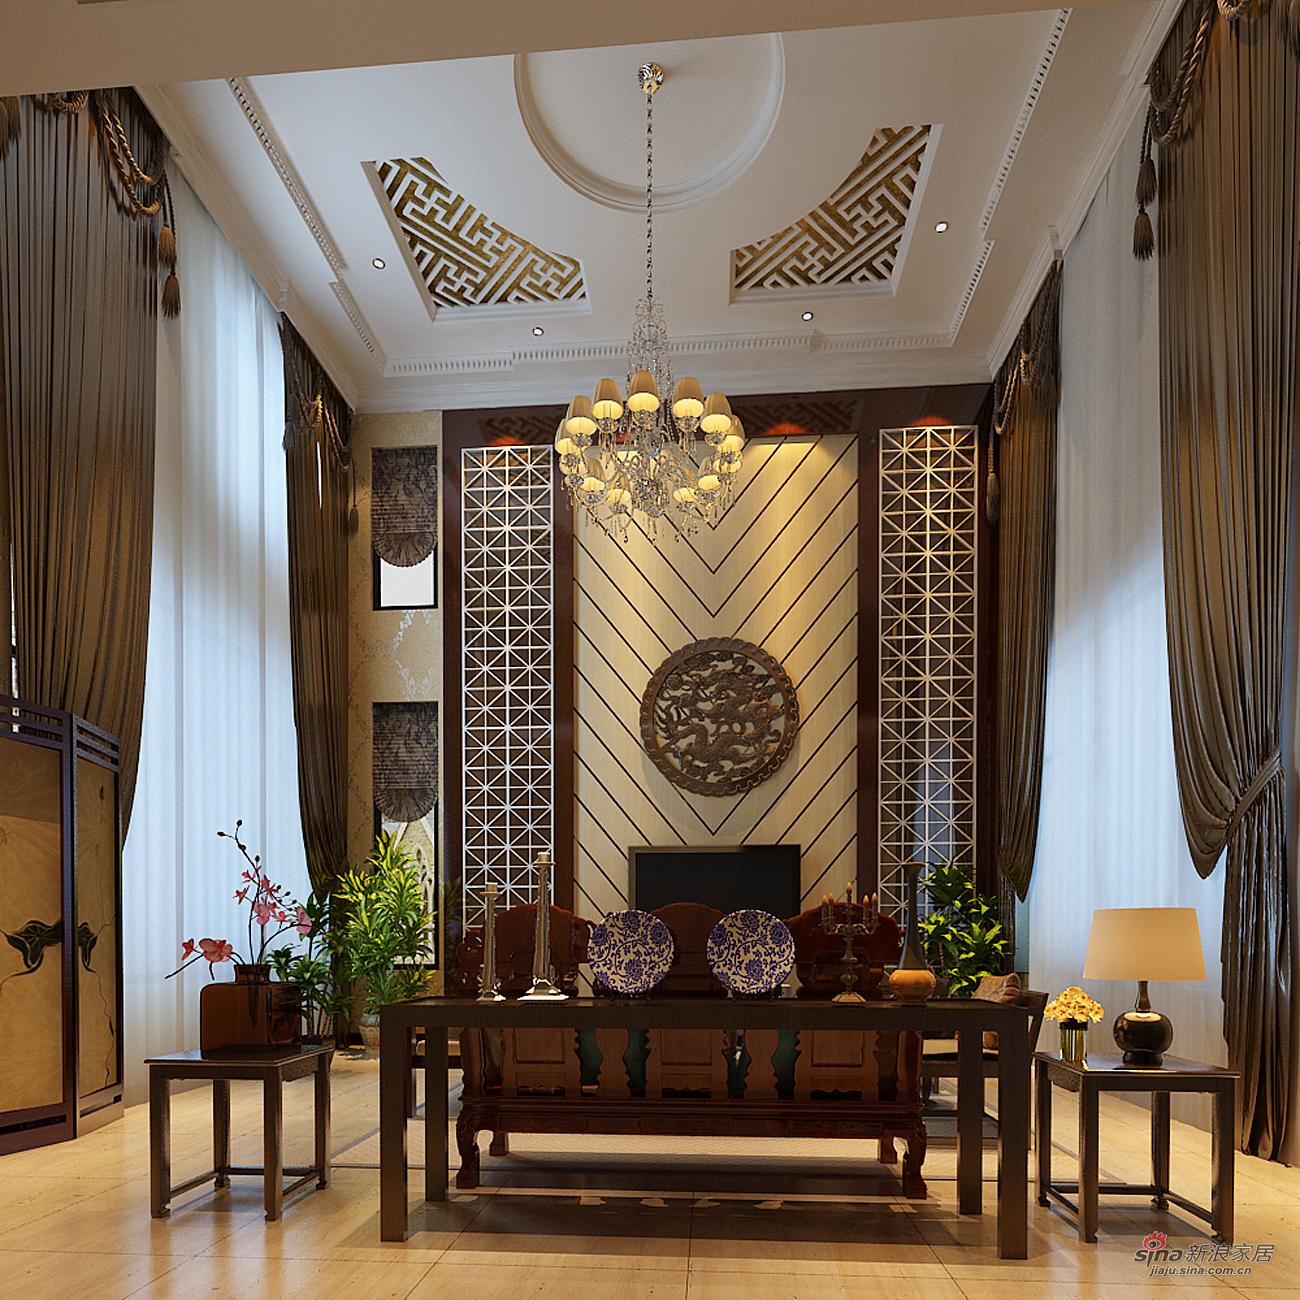 客厅别墅别墅来自图片1907659705在北京湾345平简中式独栋别墅装修18门用户碳化图片